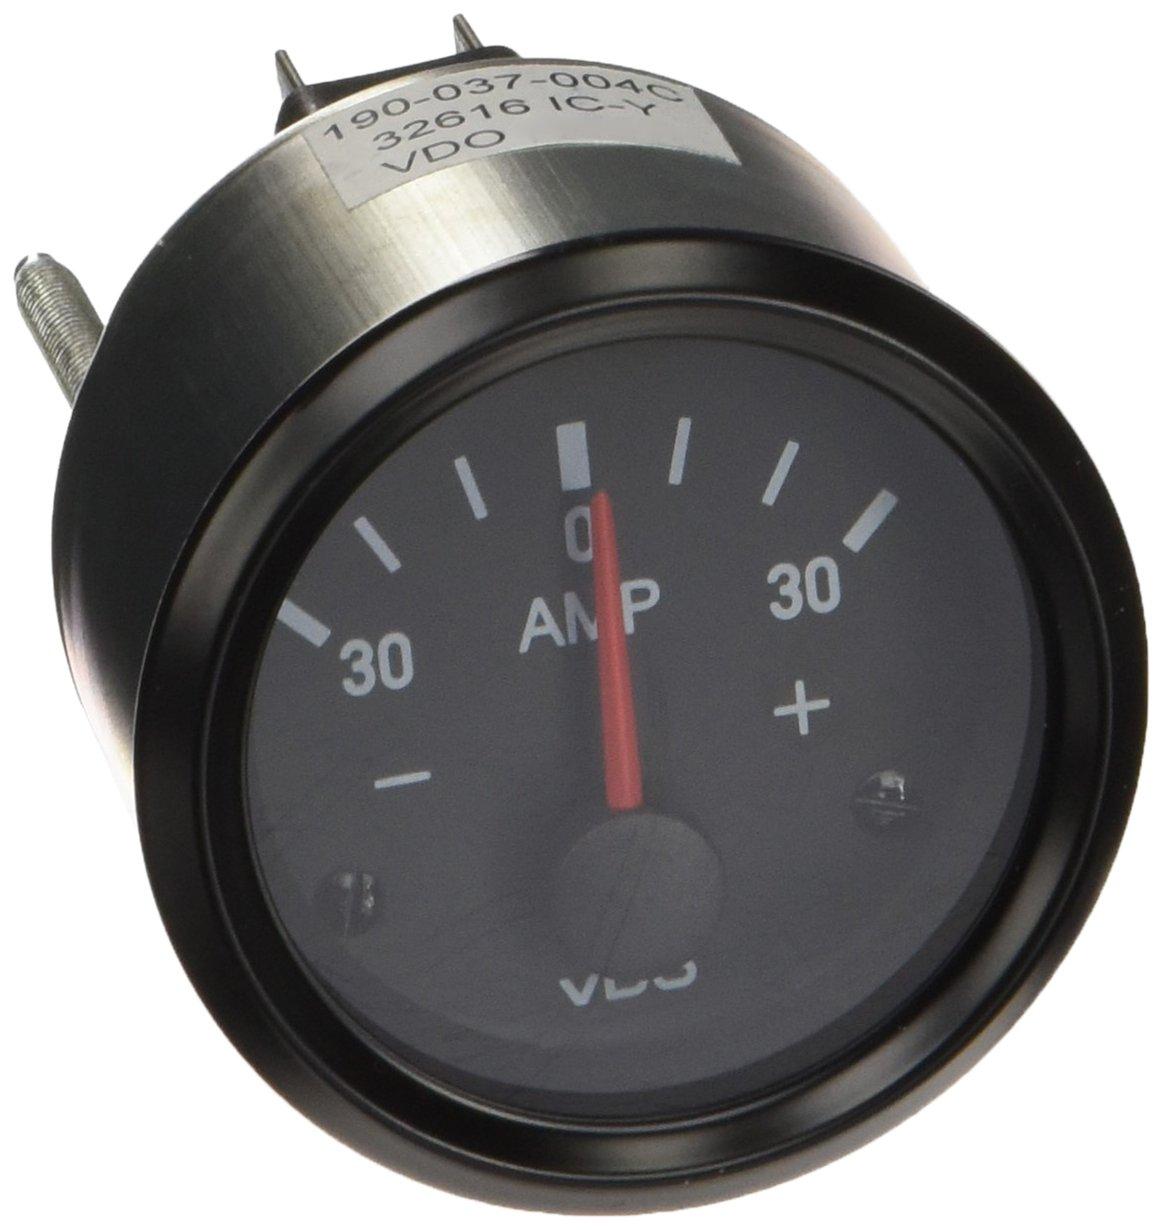 VDO 190 903 Ammeter Gauge